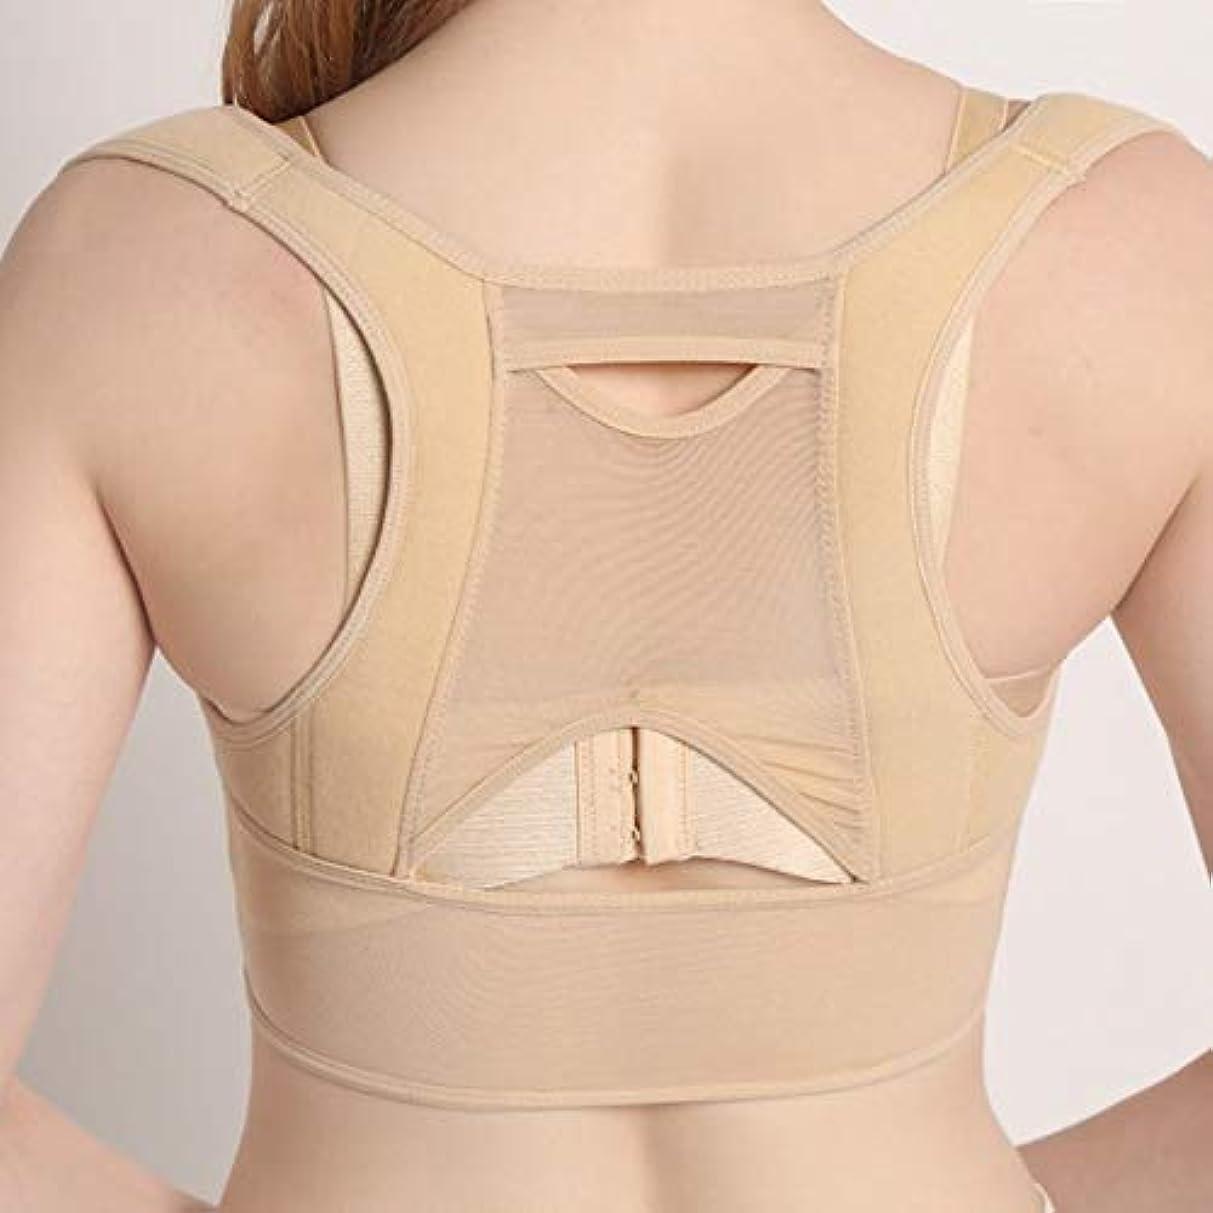 月振る家事をする通気性のある女性の背中の姿勢矯正コルセット整形外科の肩の背骨の姿勢矯正腰椎サポート - ベージュホワイトM